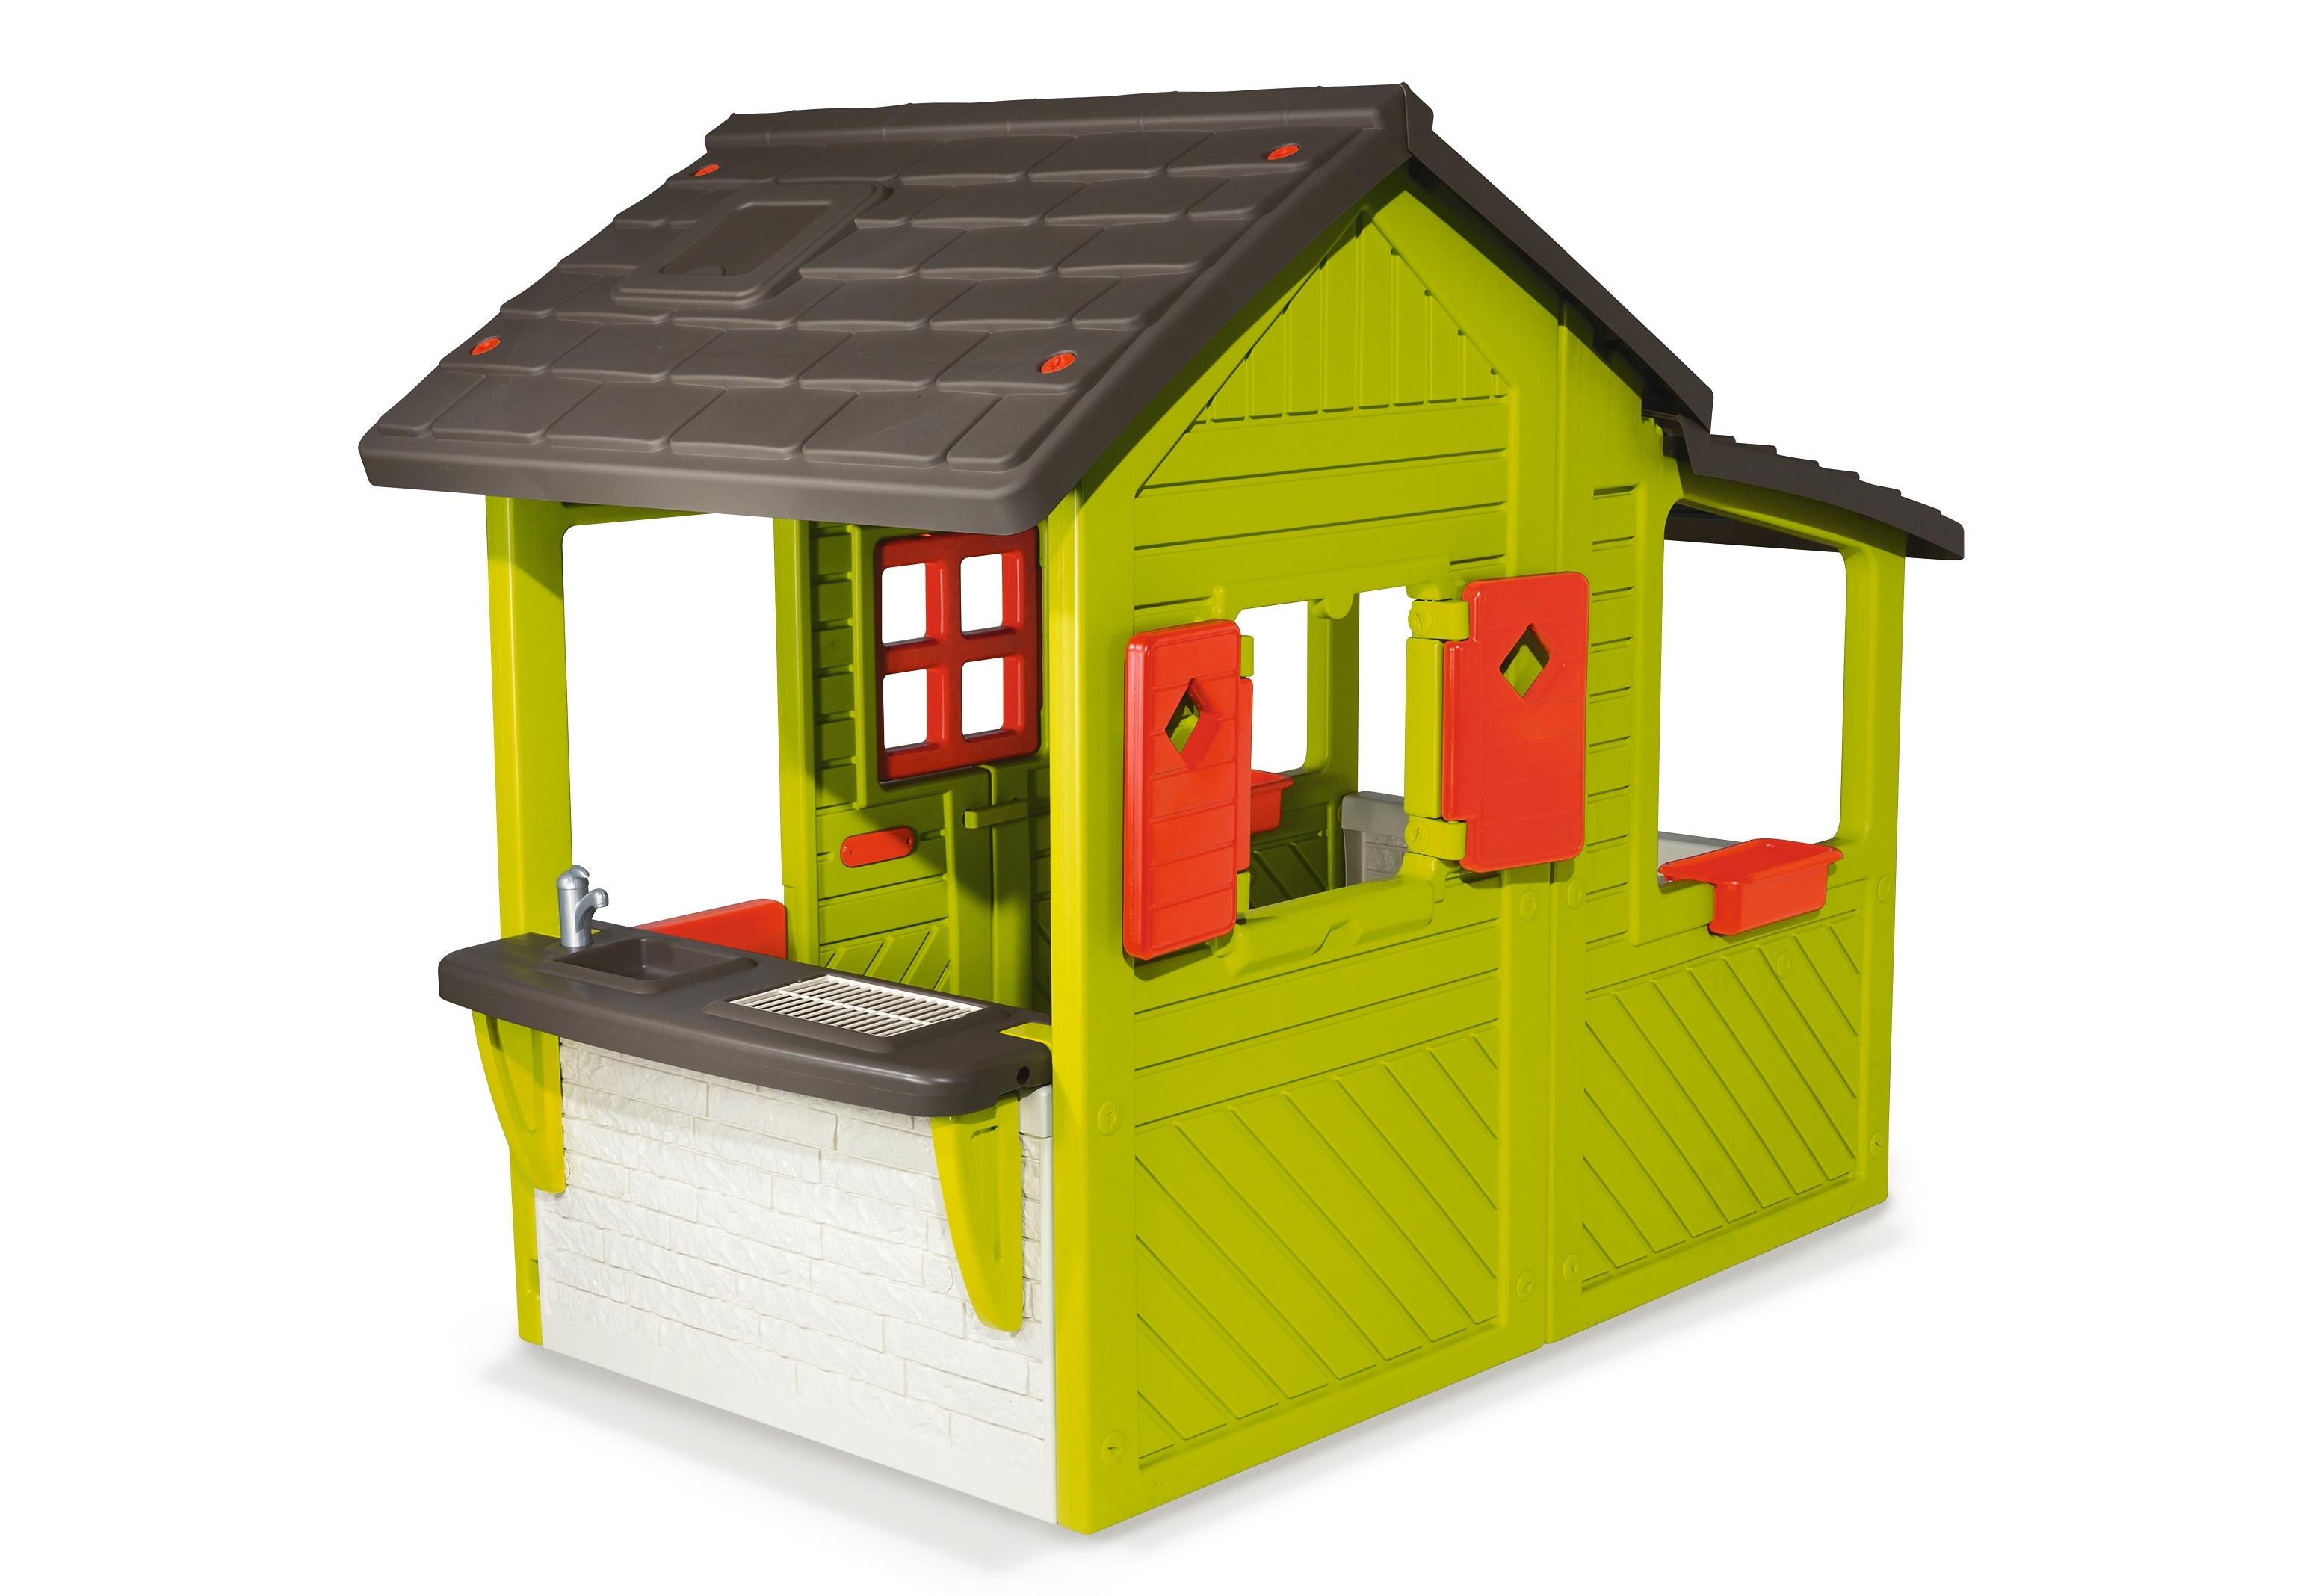 speelhuisjes online kopen bekijk onze speelhuizen otto. Black Bedroom Furniture Sets. Home Design Ideas